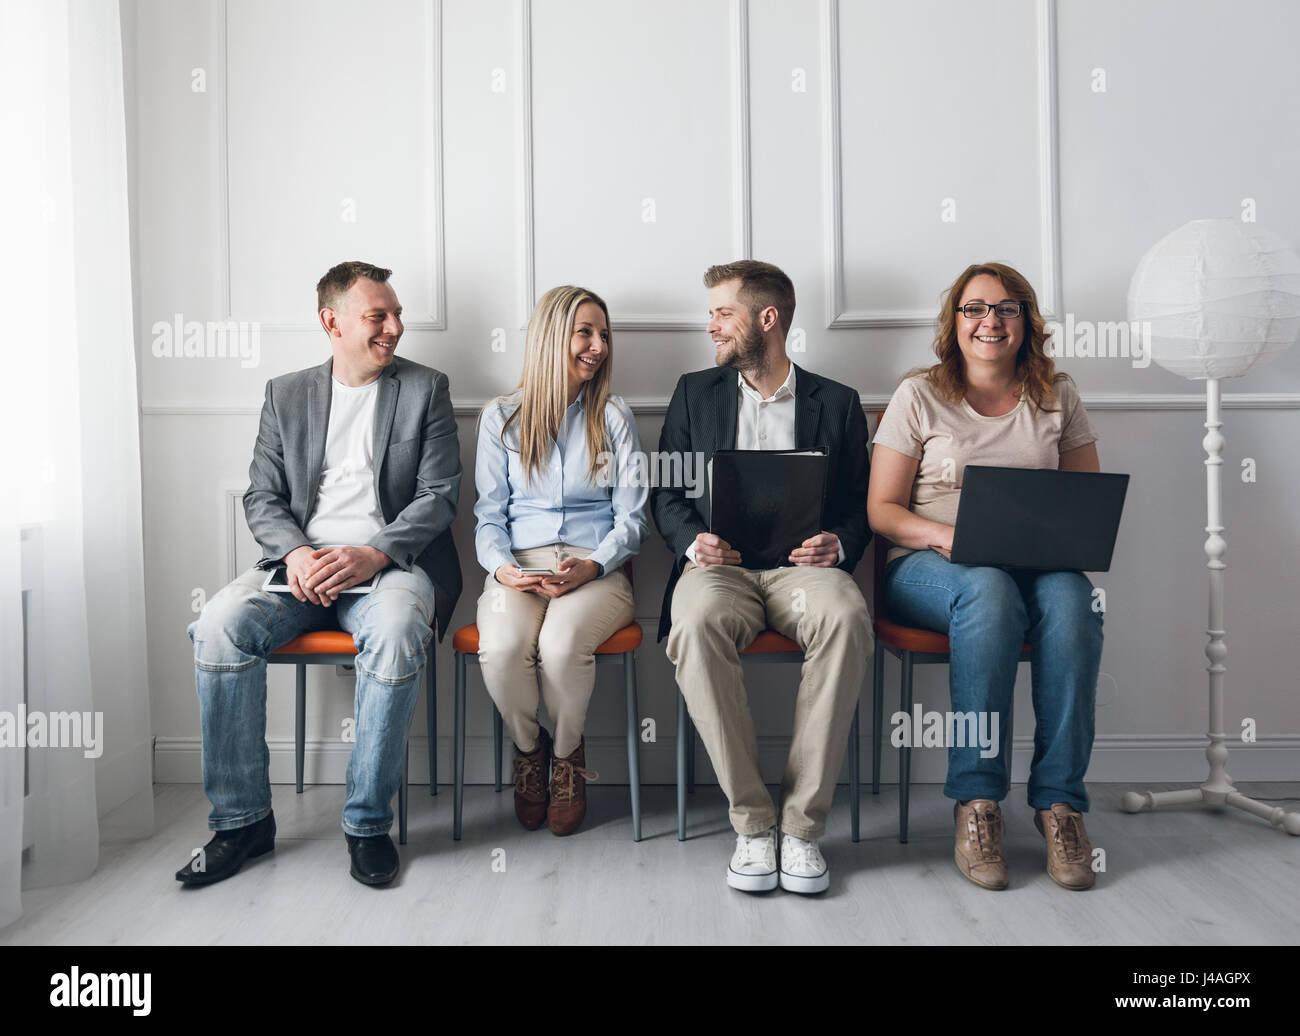 Gruppe von jungen kreativen Menschen sitzen auf Stühlen im Wartezimmer Stockbild